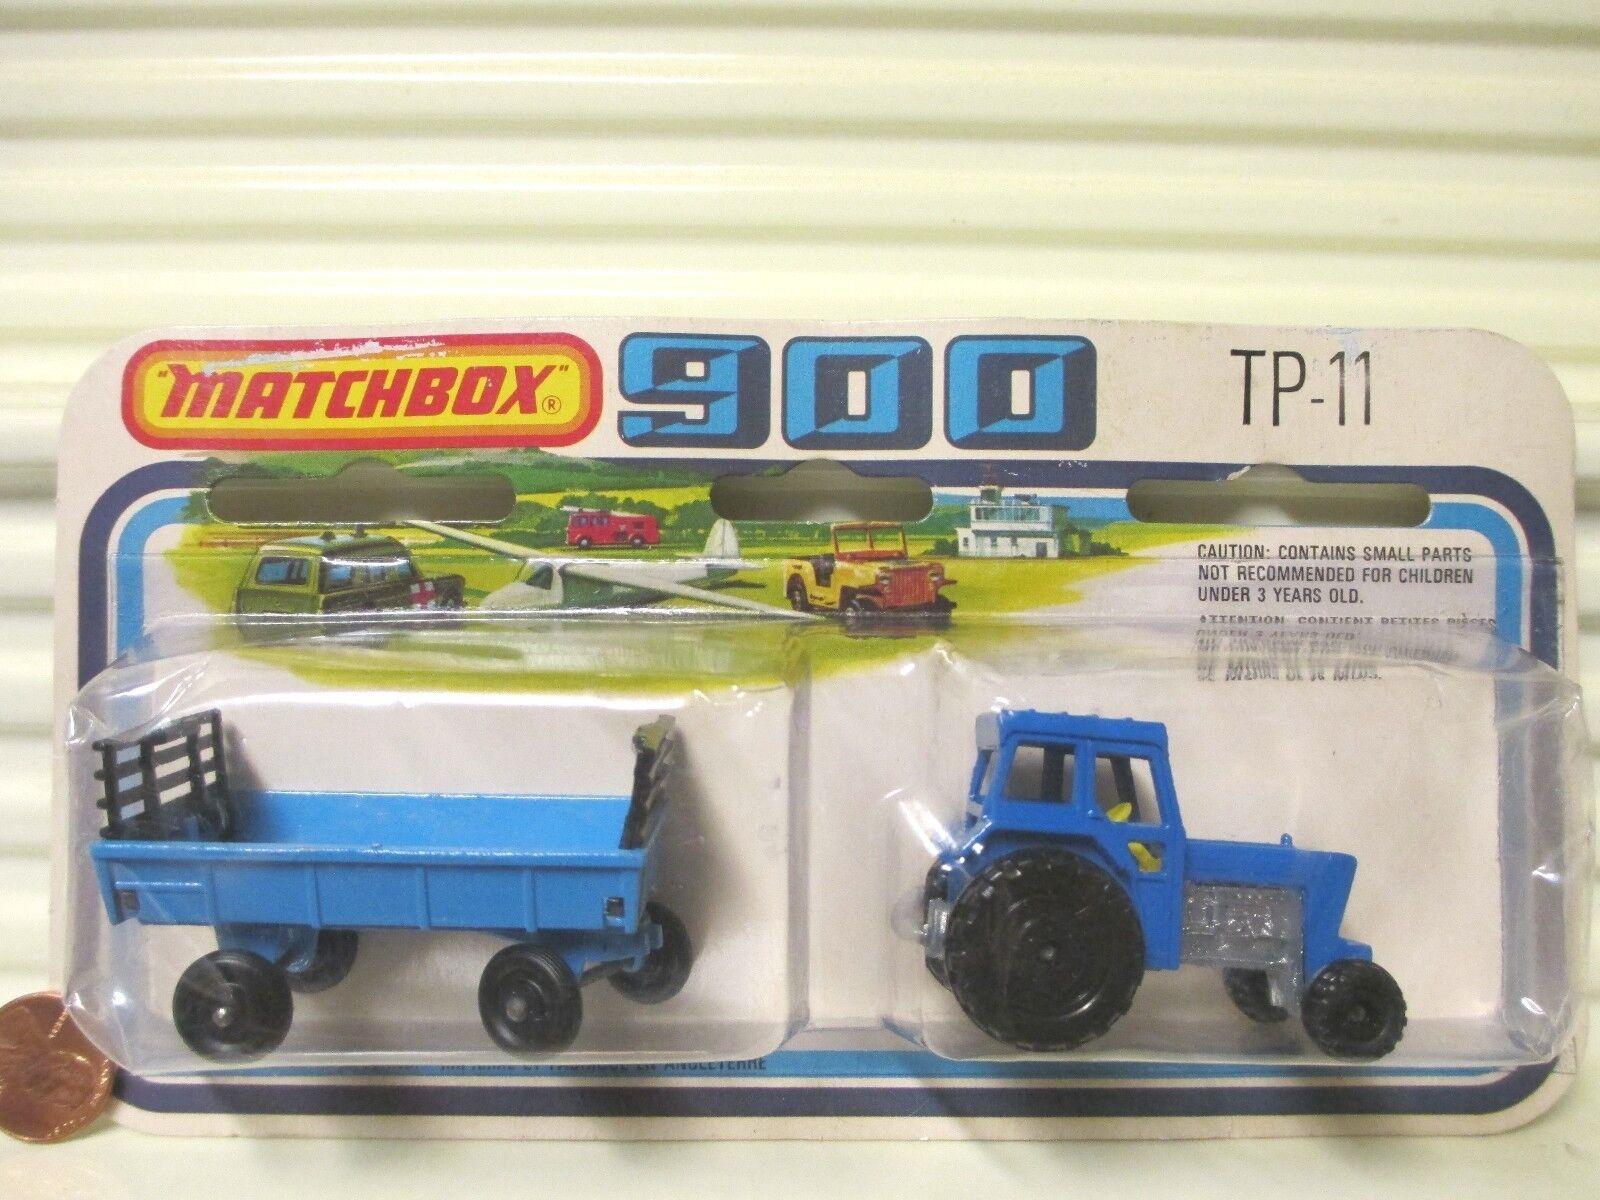 ahorrar en el despacho Lesney Matchbox 1978 Tractor Ford TP11 + + + Paquete de heno remolque de dos nuevo paquete sin abrir +  tienda de venta